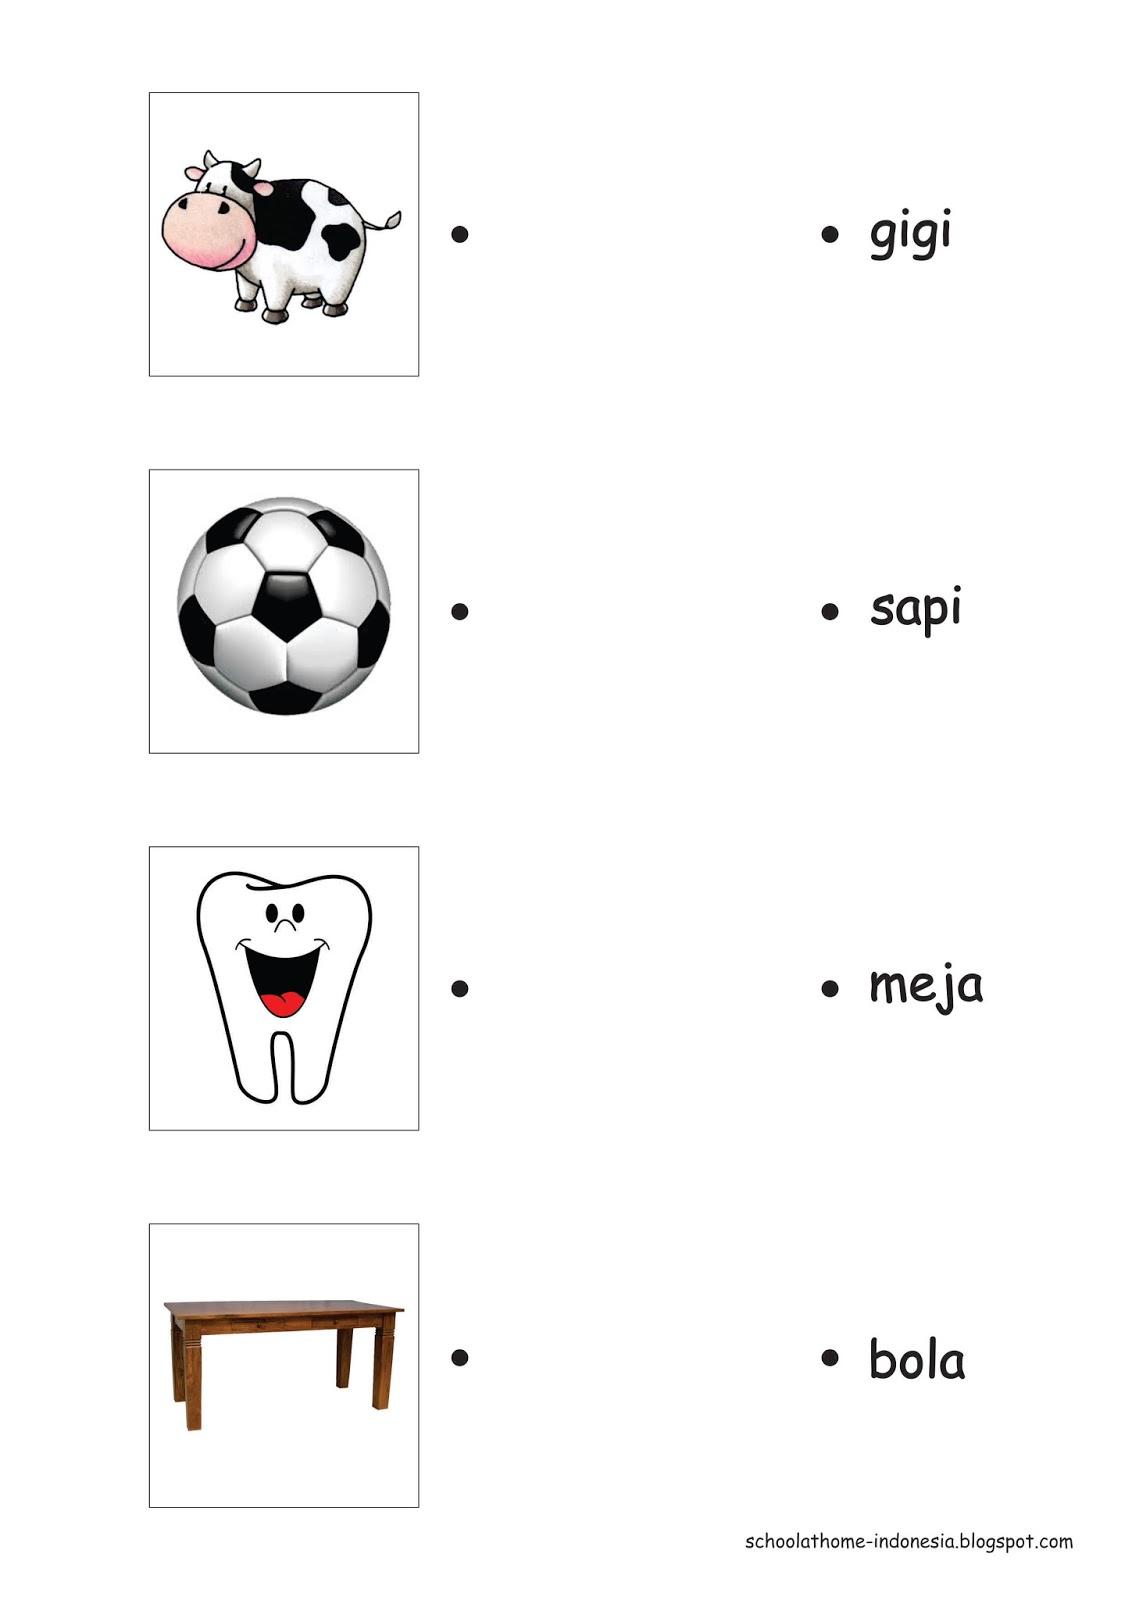 School At Home Belajar Membaca Dengan Mencocokan Gambar